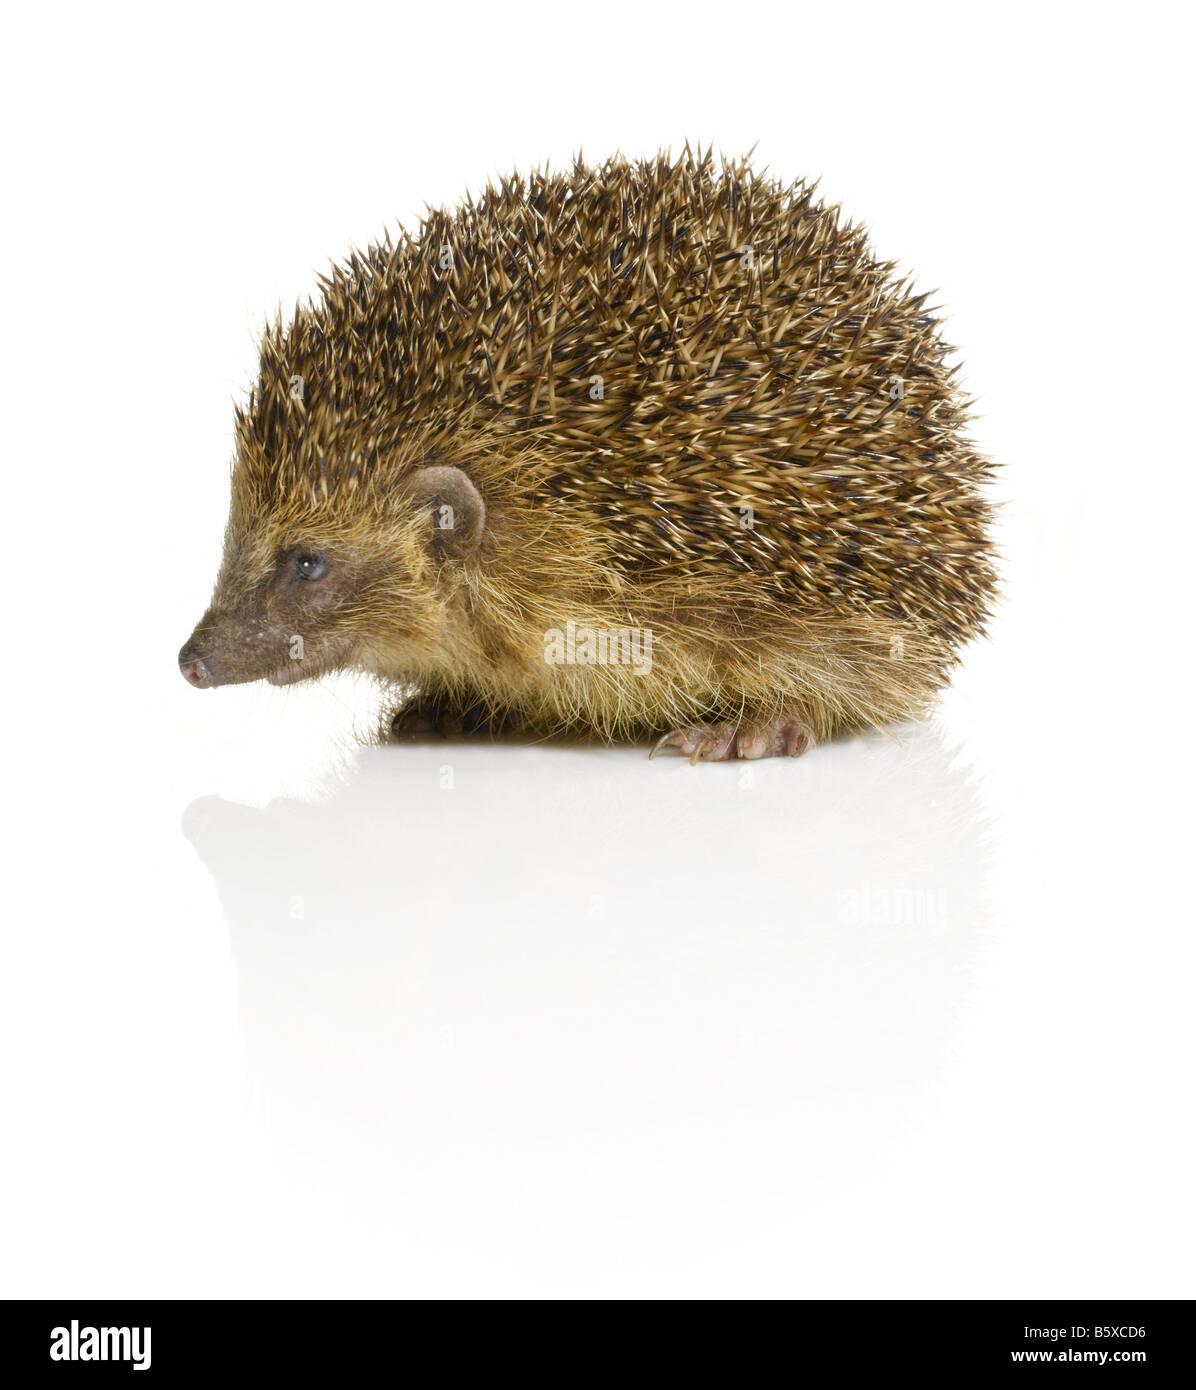 A Hedgehog - Stock Image